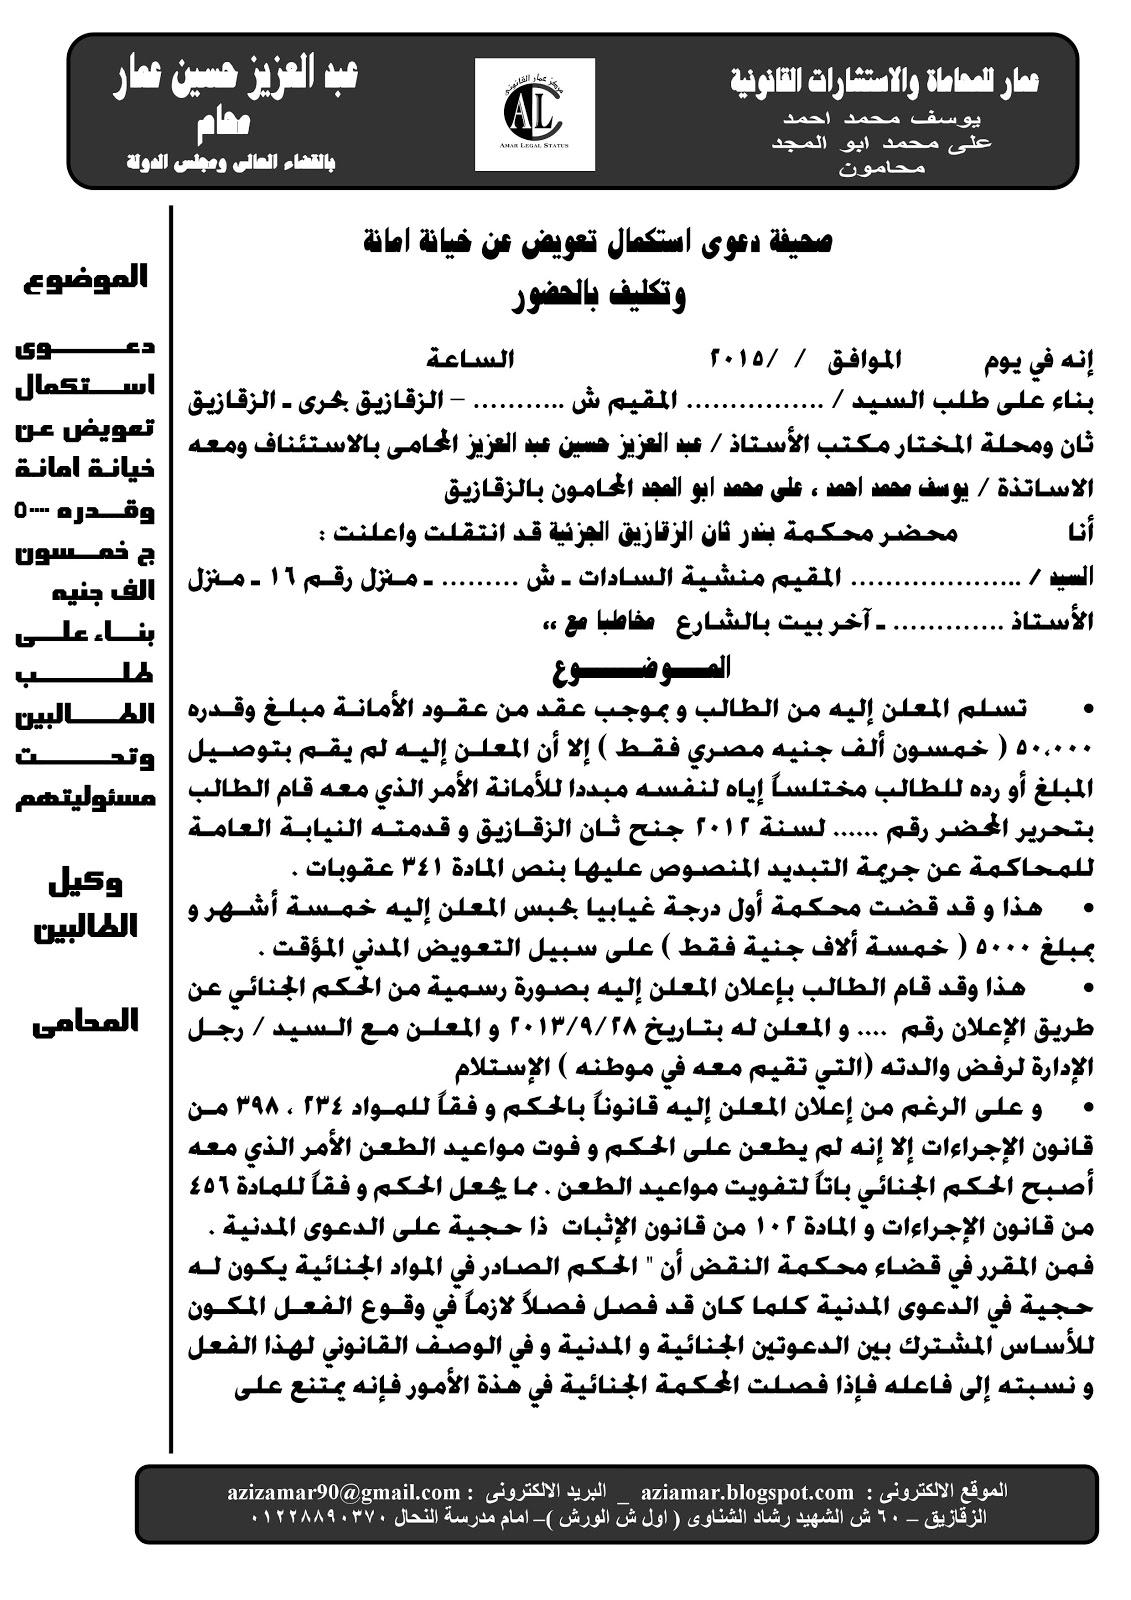 579 دعوى تعويض خيانة امانة